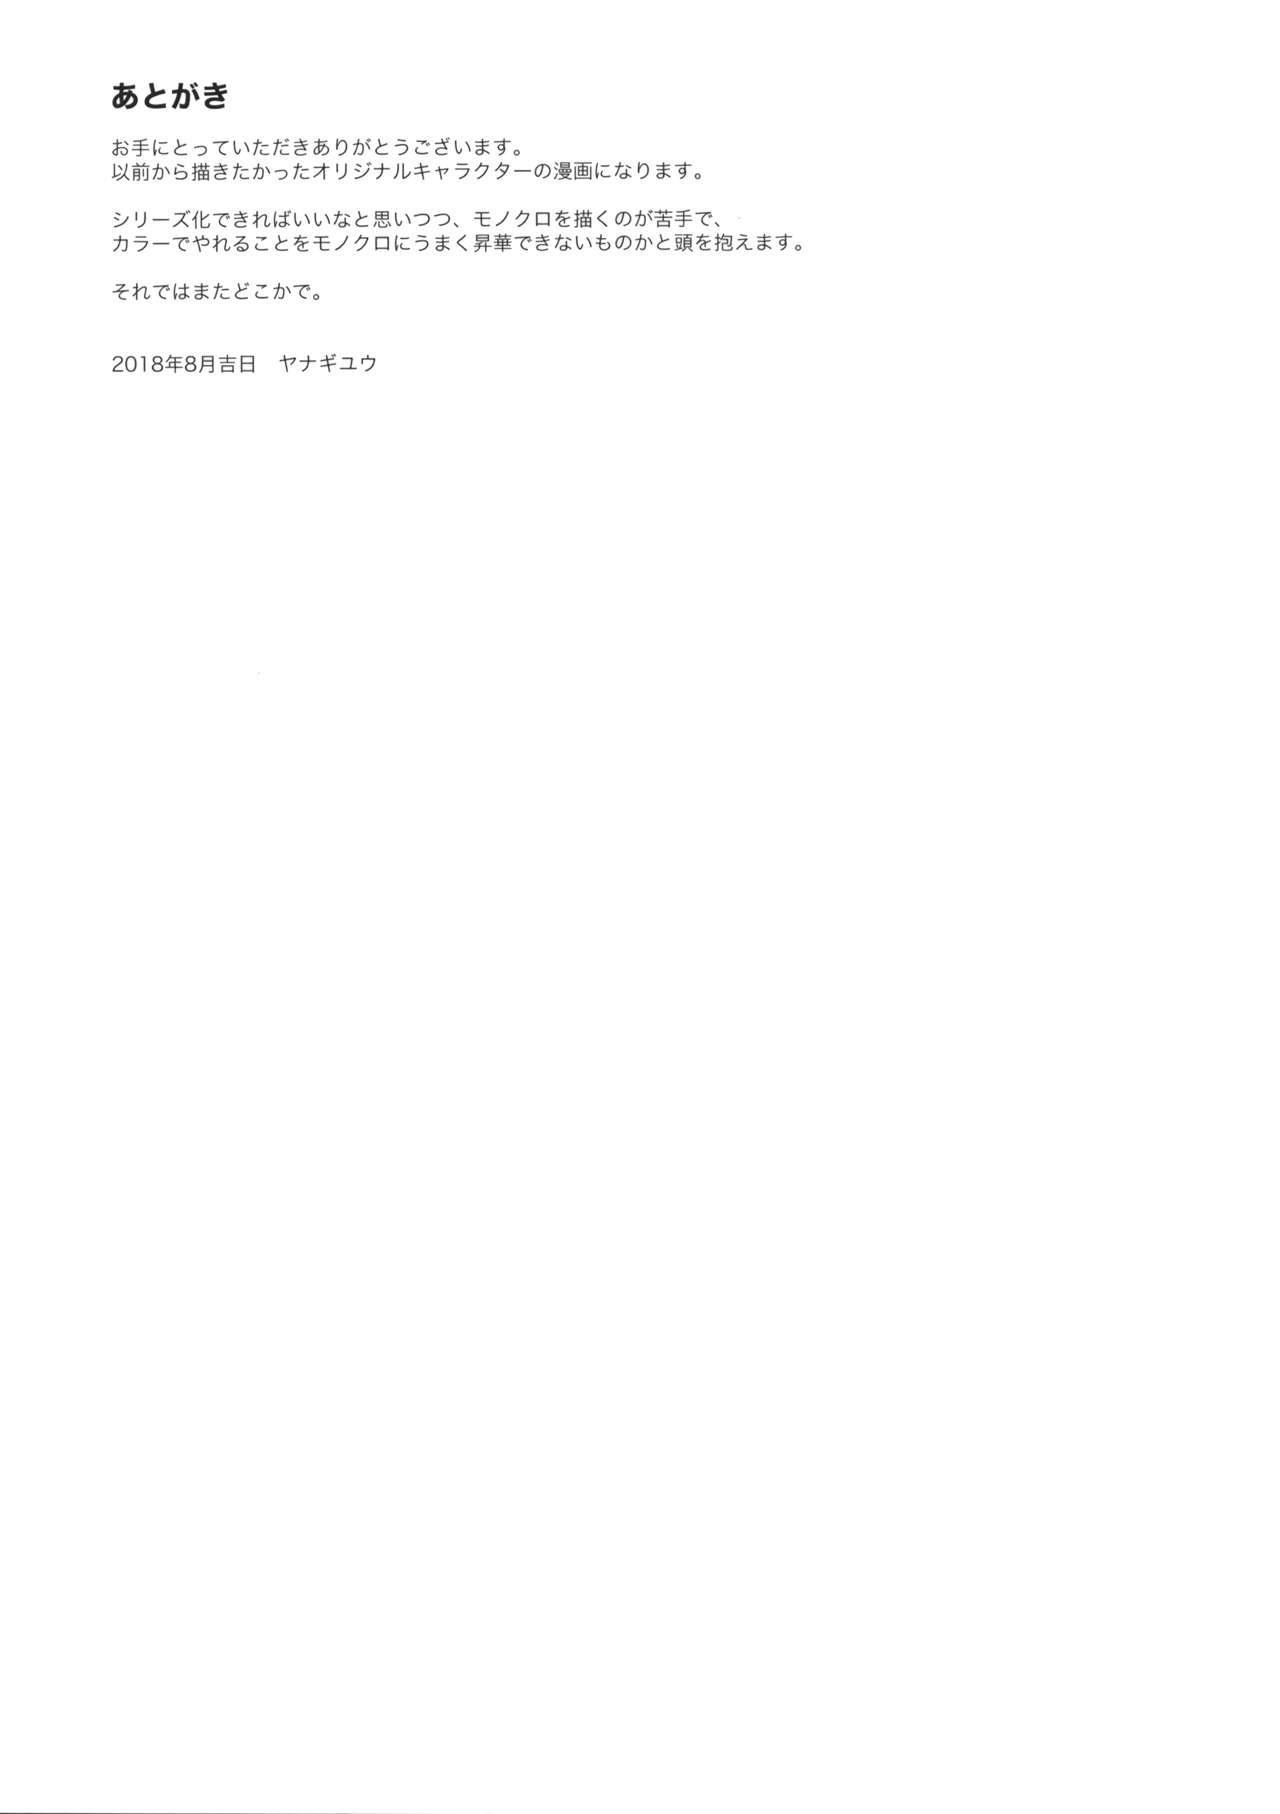 Neko Neko Note 3 11